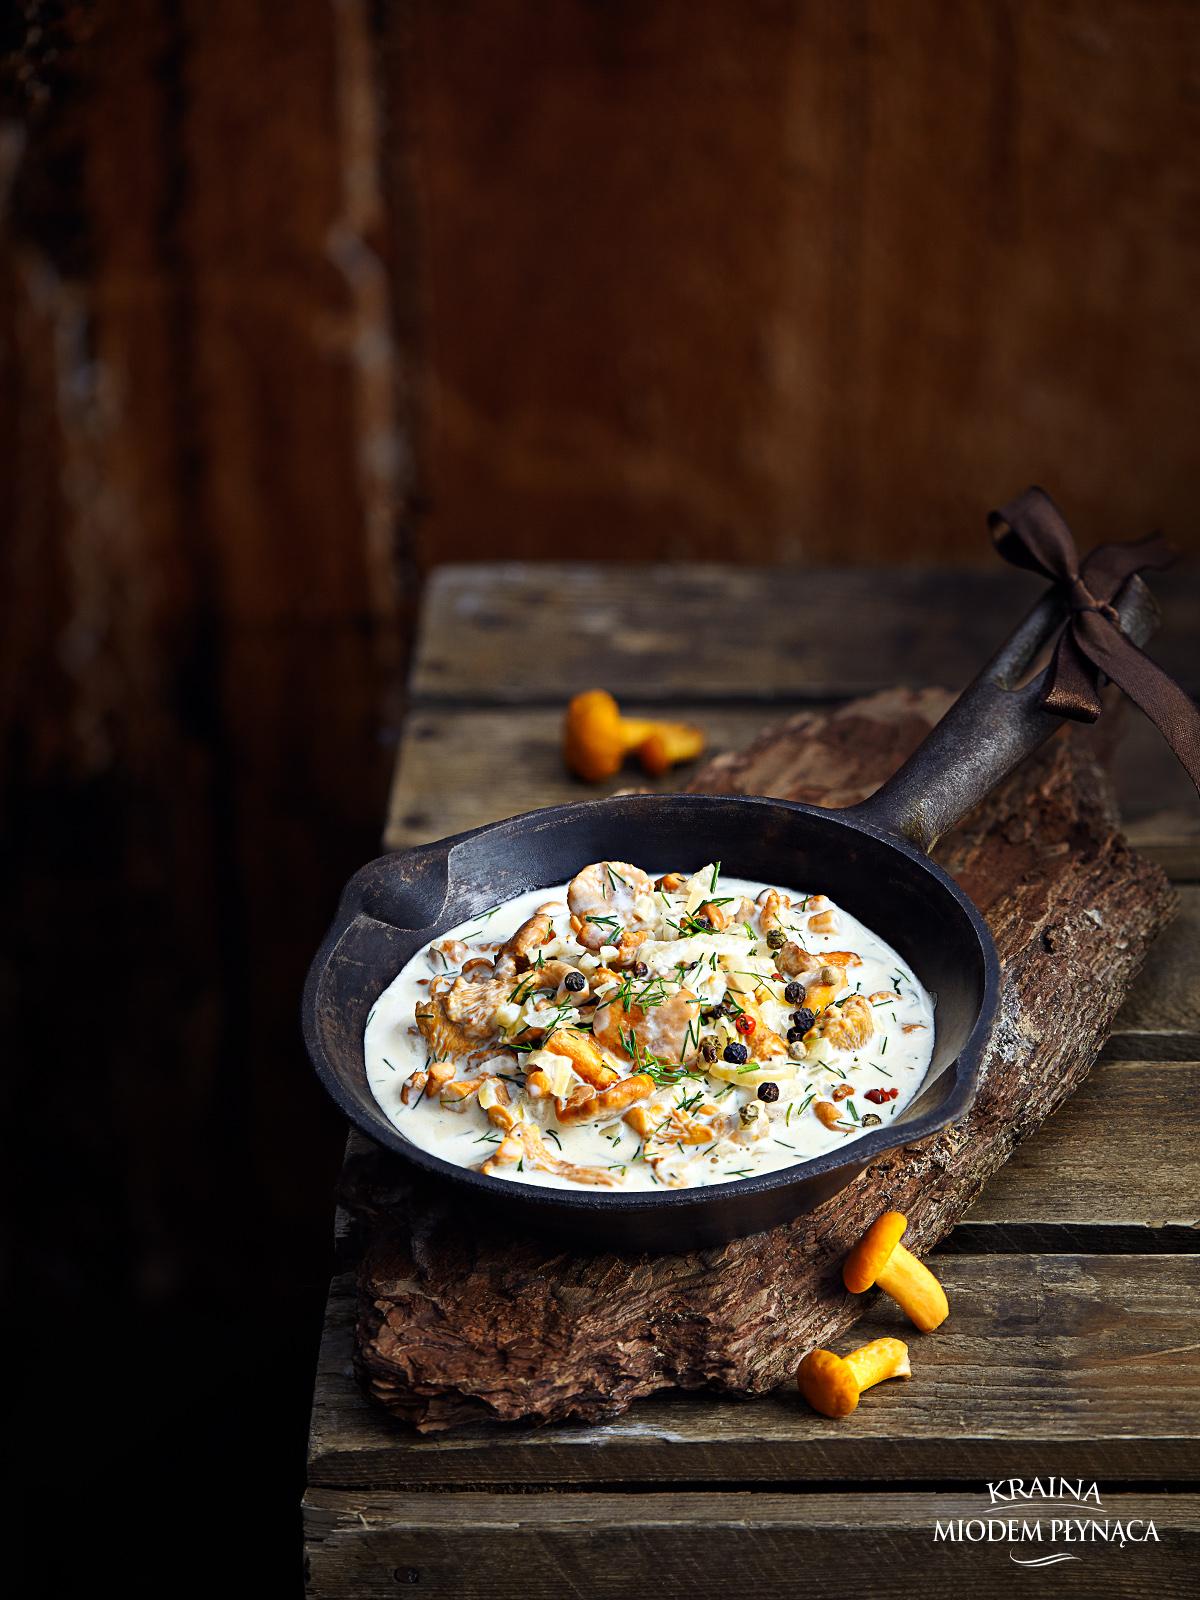 sos kurkowy, sos z kurek, śmietanowy sos z kurkami, sos grzybowy, sos z grzybów, kraina miodem płynąca